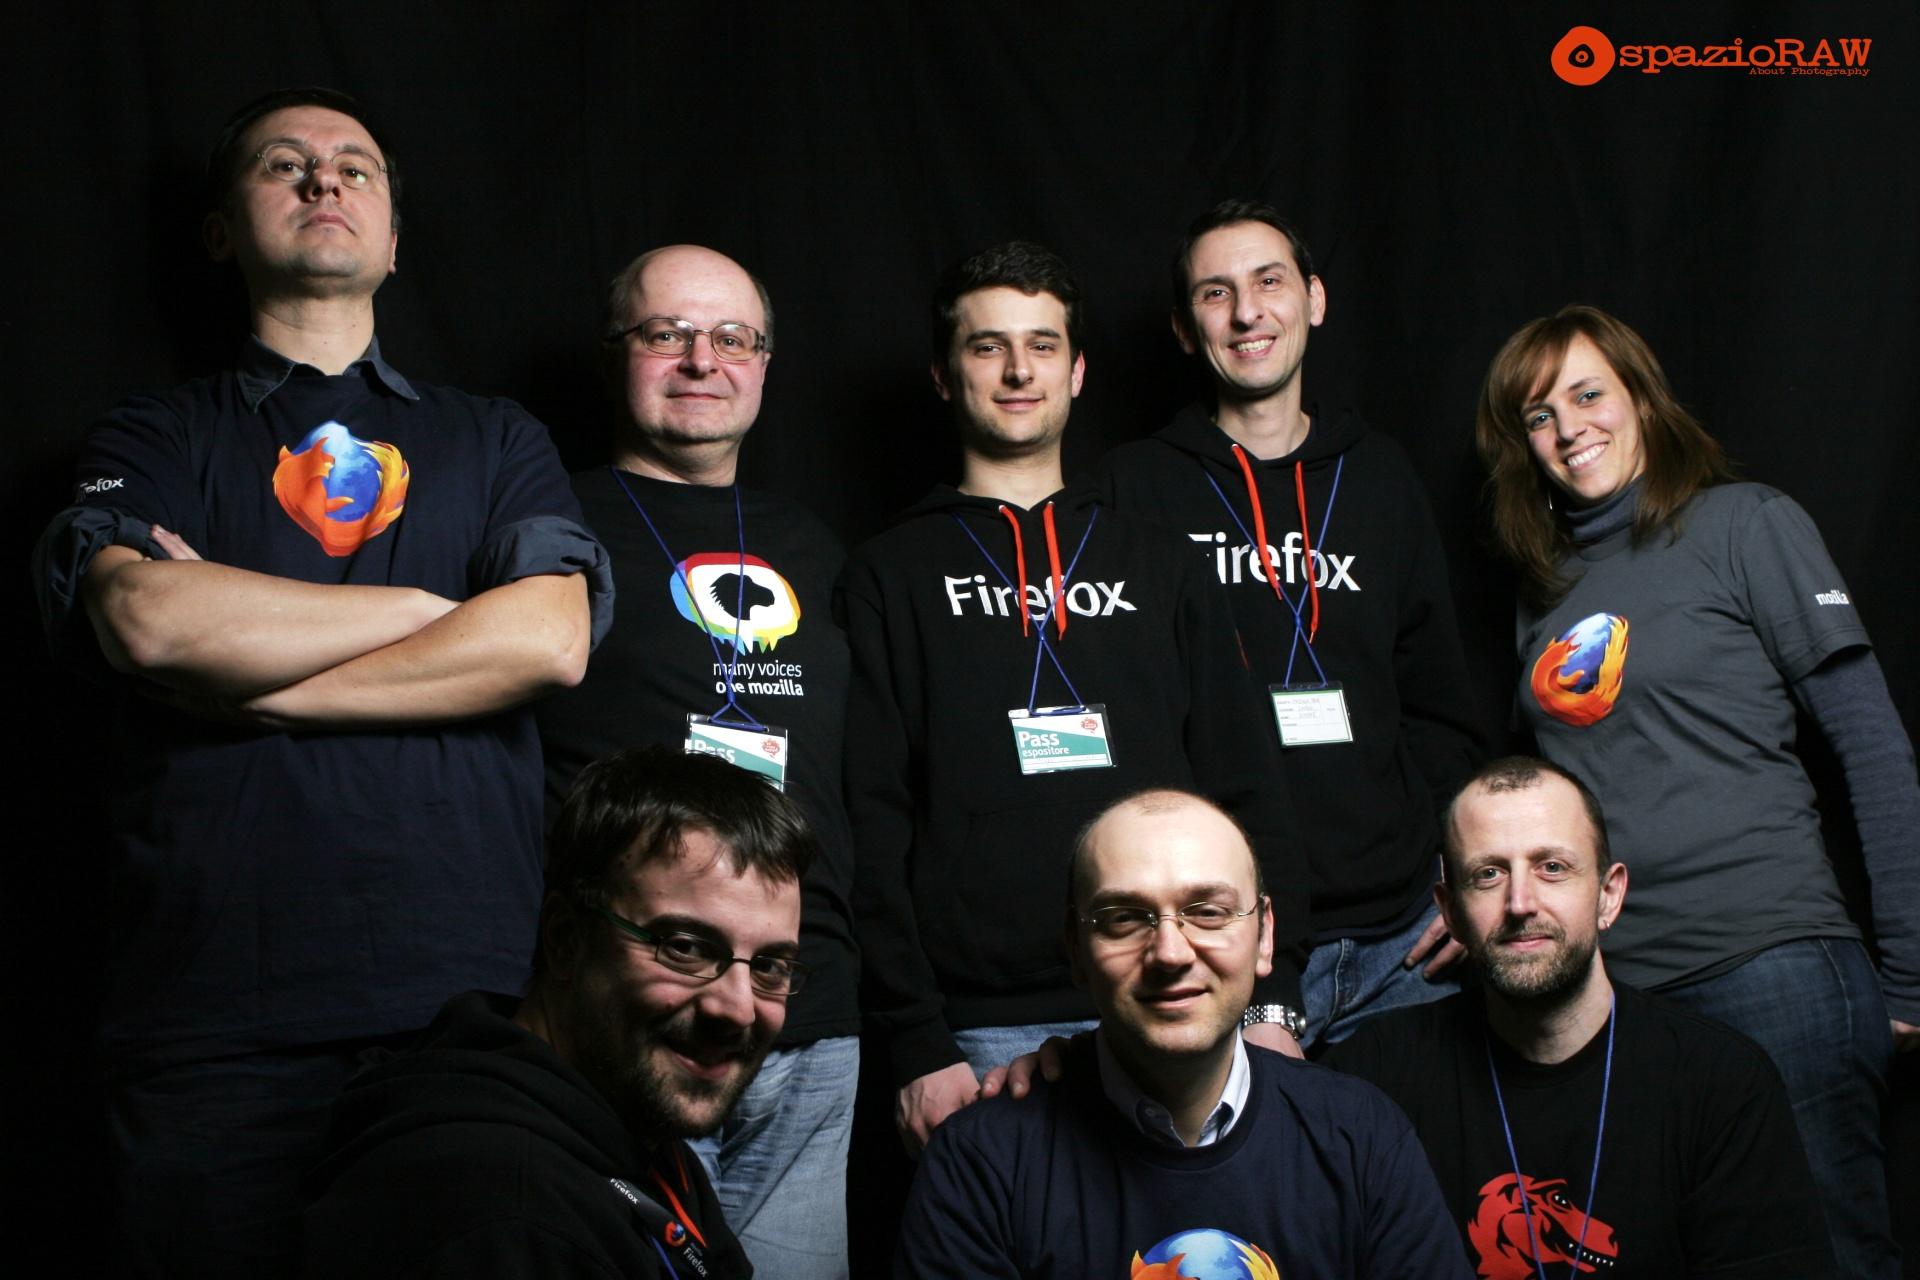 Gruppo Mozilla Italia a Fa La Cosa Giusta 2013, foto di SpazioRAW.it